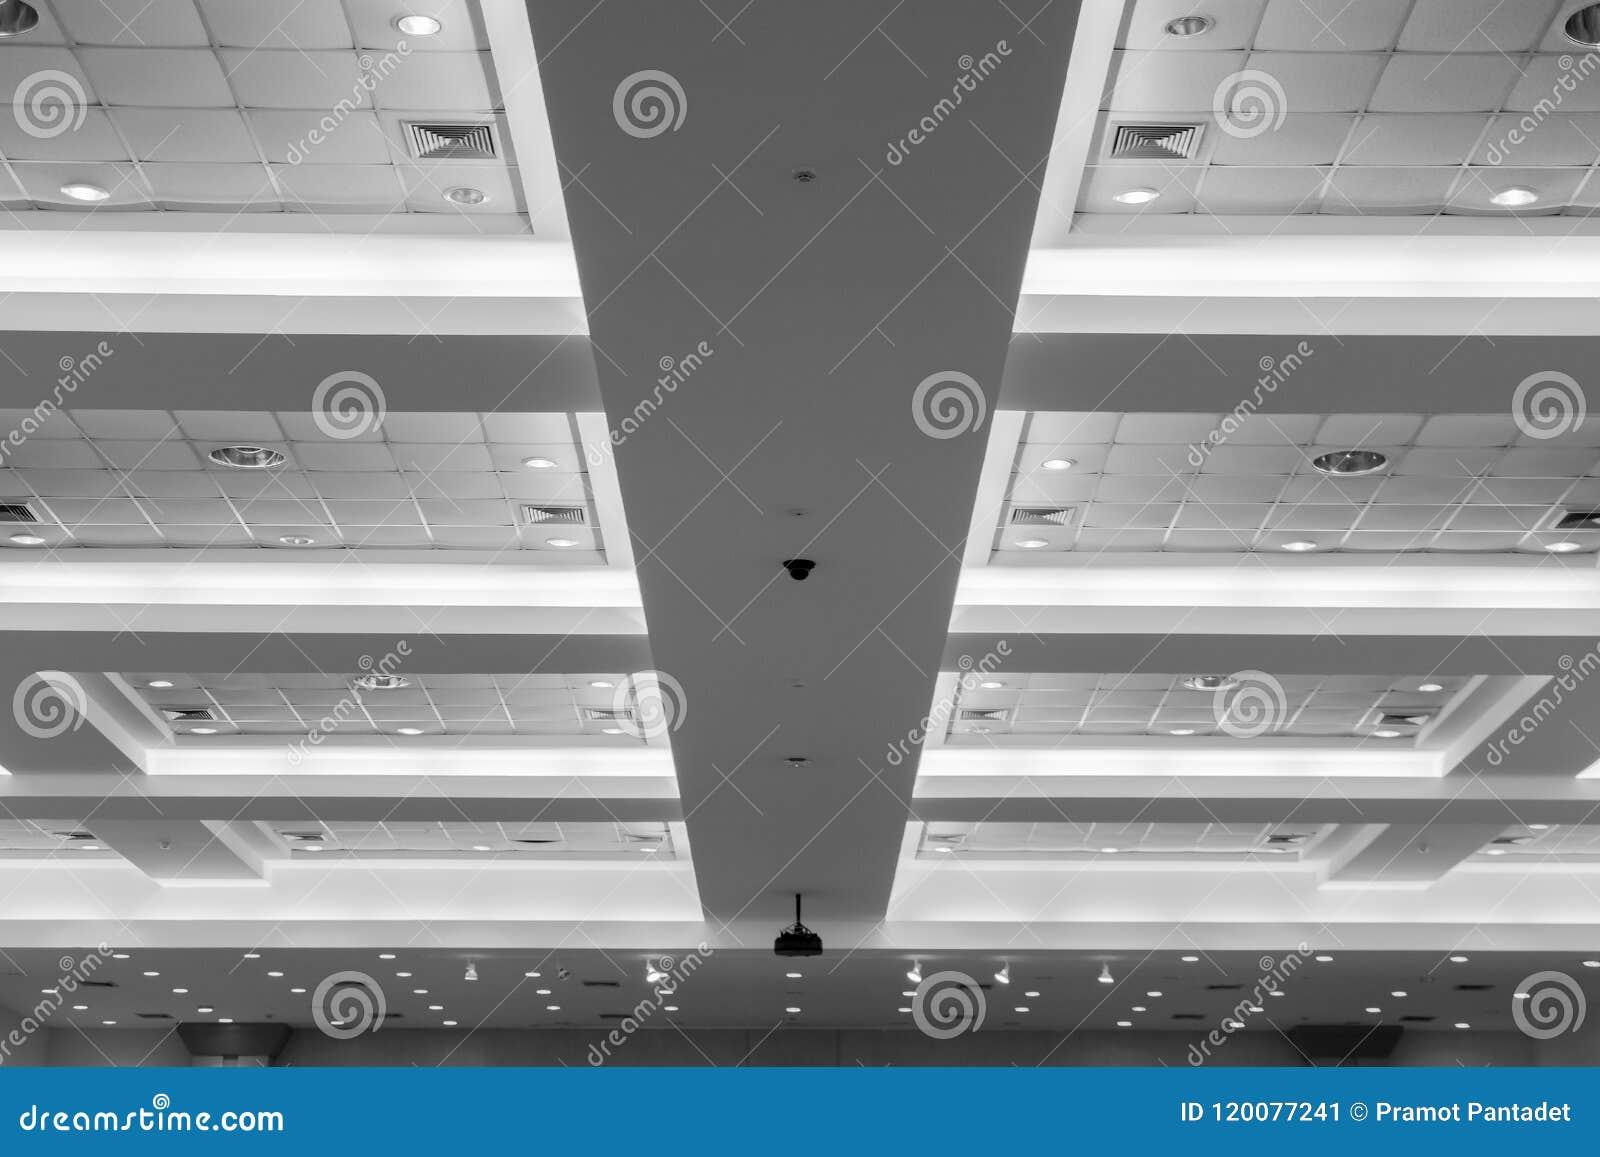 企业内部办公楼和光氖天花板  与拷贝空间的样式黑白照片增加文本